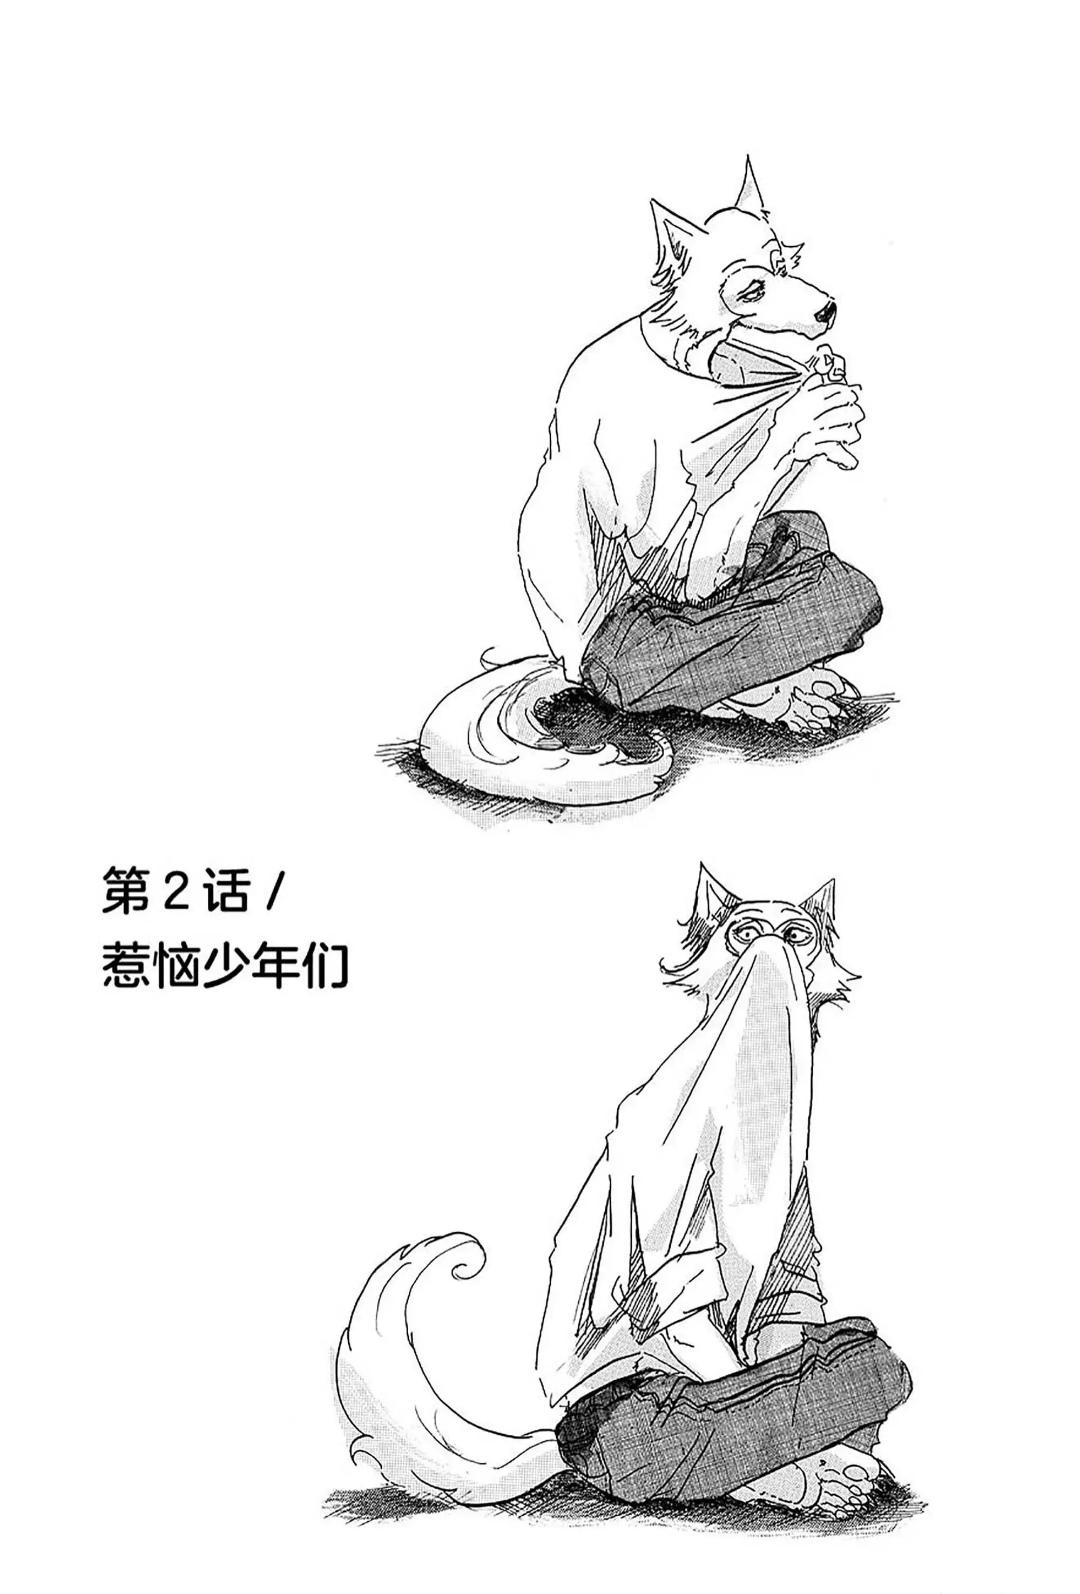 【漫画更新】动物狂想曲,第二话,愤怒的少年们-小柚妹站